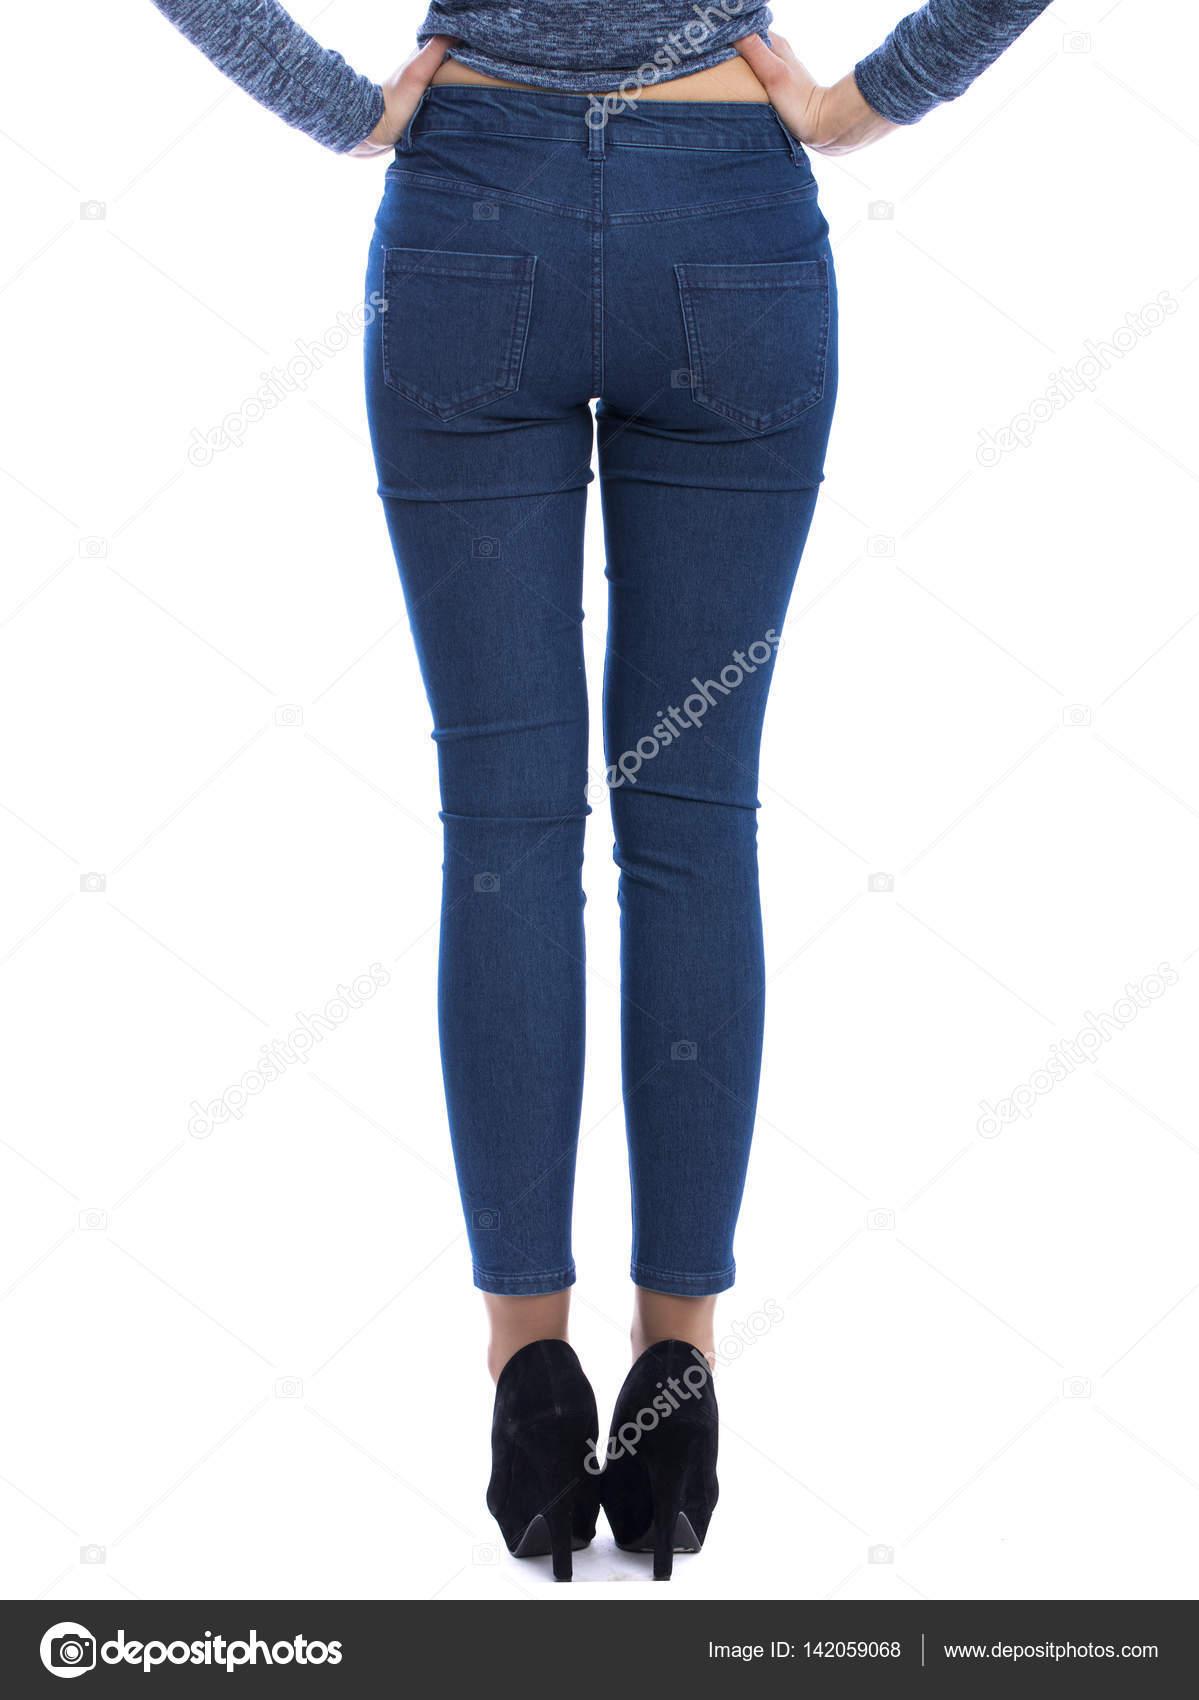 Попки в джинсах в обтяжку фото сзади заигрывают кафе